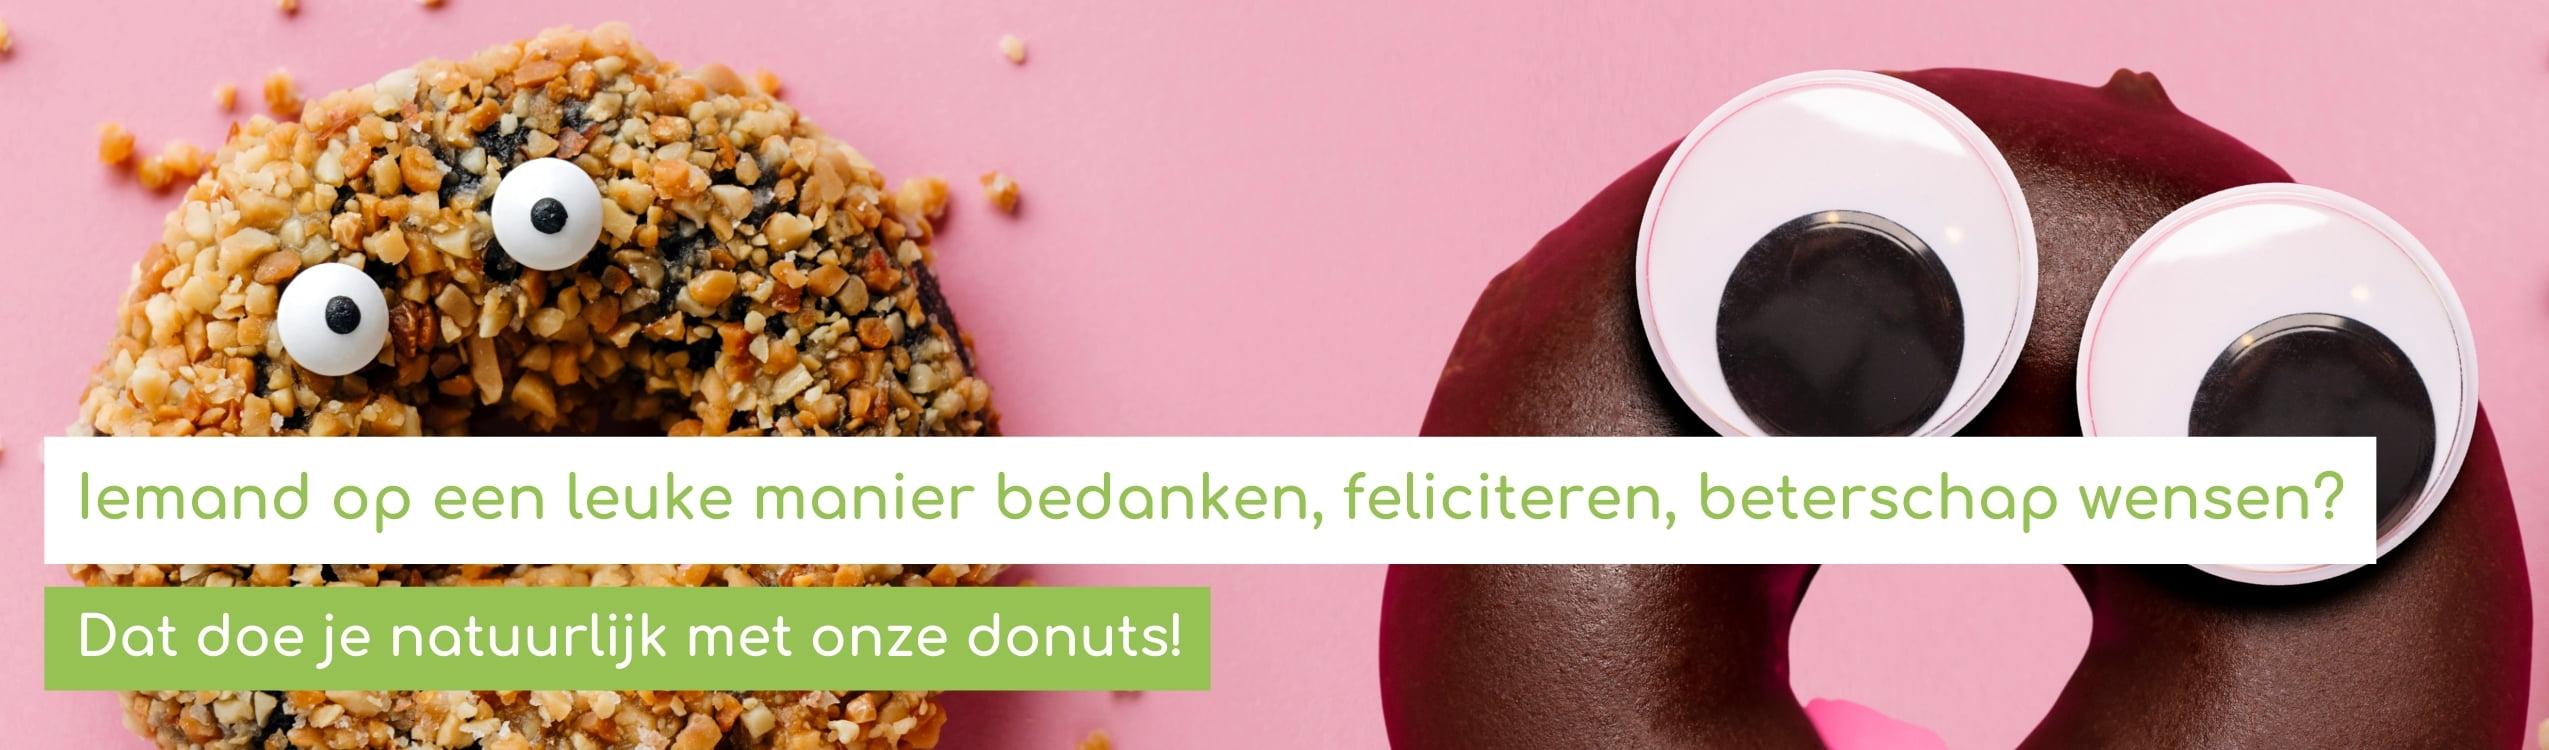 donuts-cadeau-doen